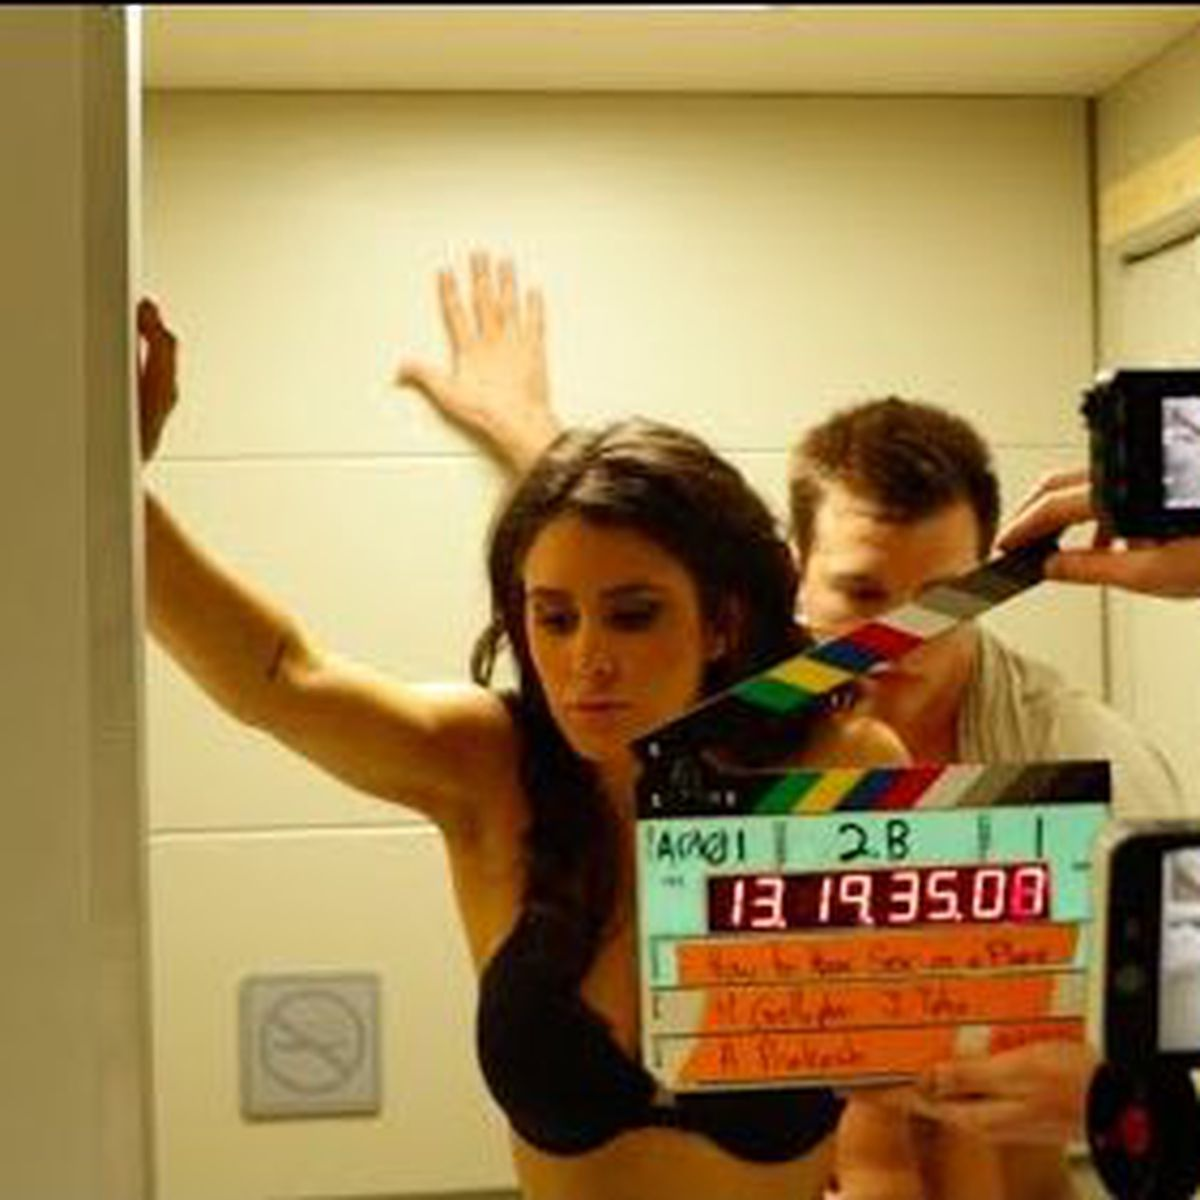 Actriz Porno Decibe cuánto ganan las actrices y actores porno? estos datos te